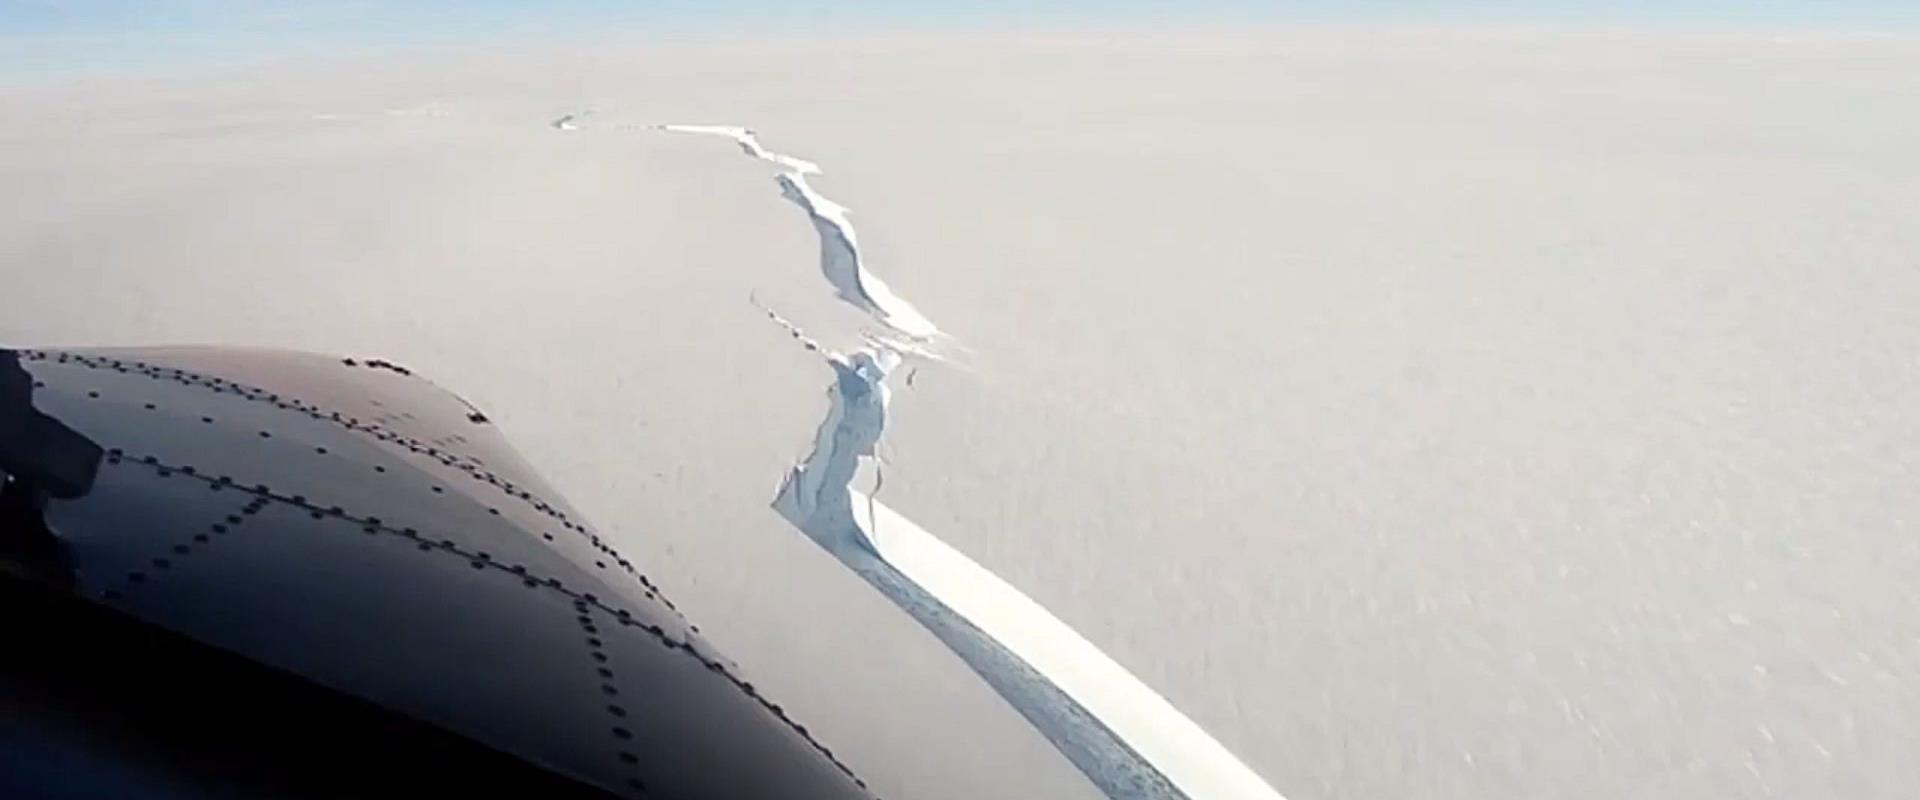 הקרחון שהתנתק